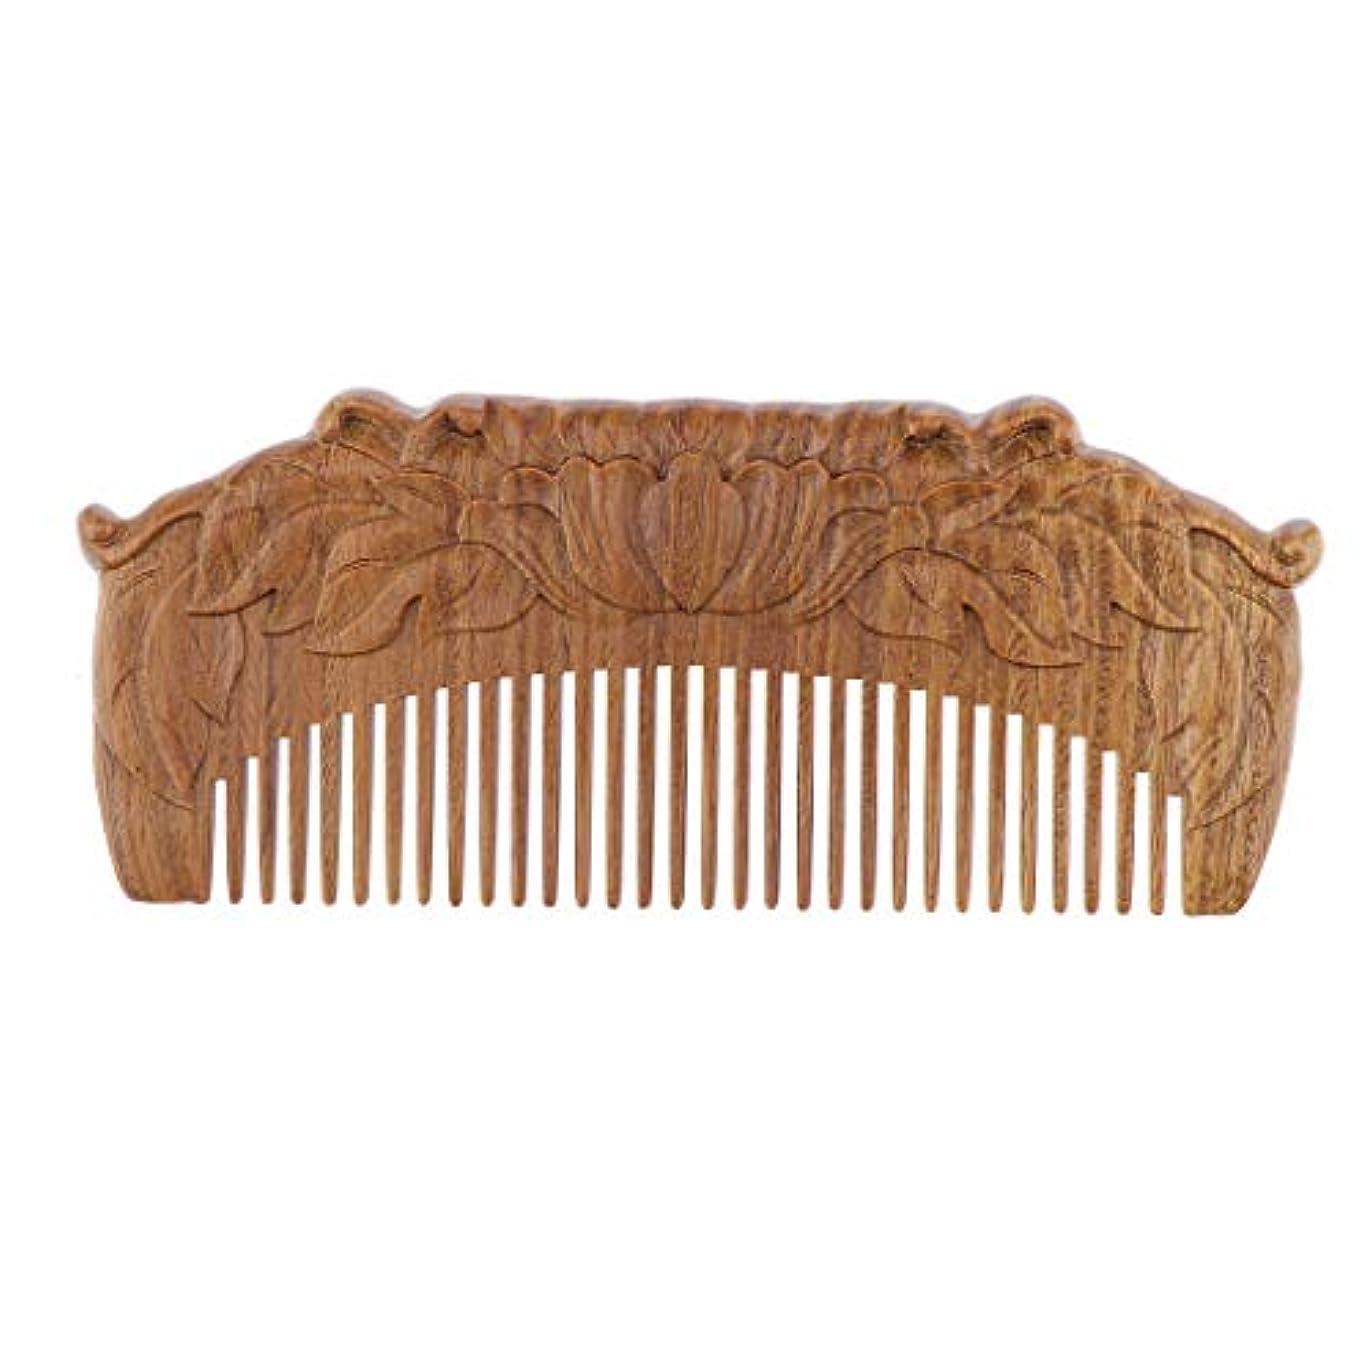 聴衆テンポ失敗木製櫛 ヘアコーム ヘアブラシ 天然木 手作り プレゼント